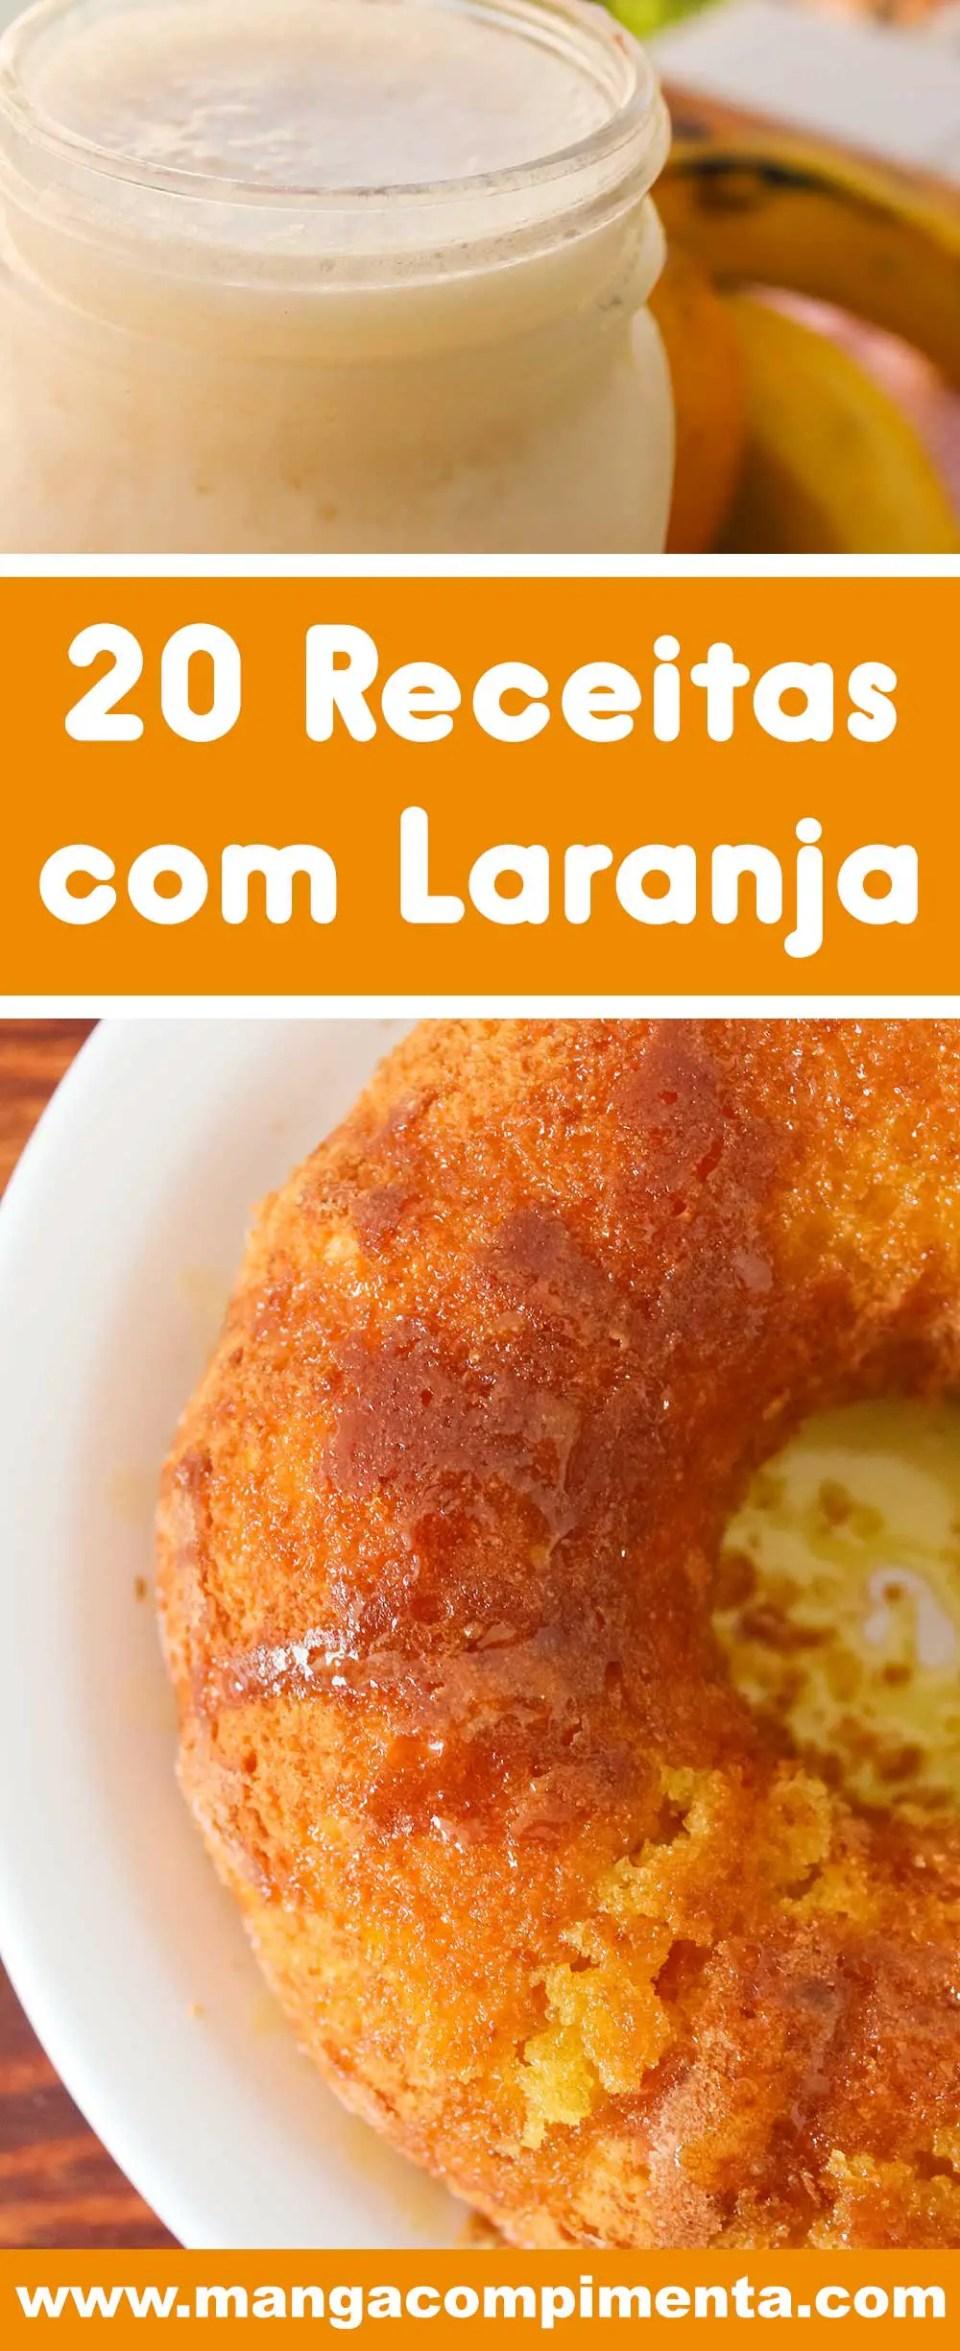 Receitas com Laranja - veja 20 receitas deliciosas para qualquer hora e momento.